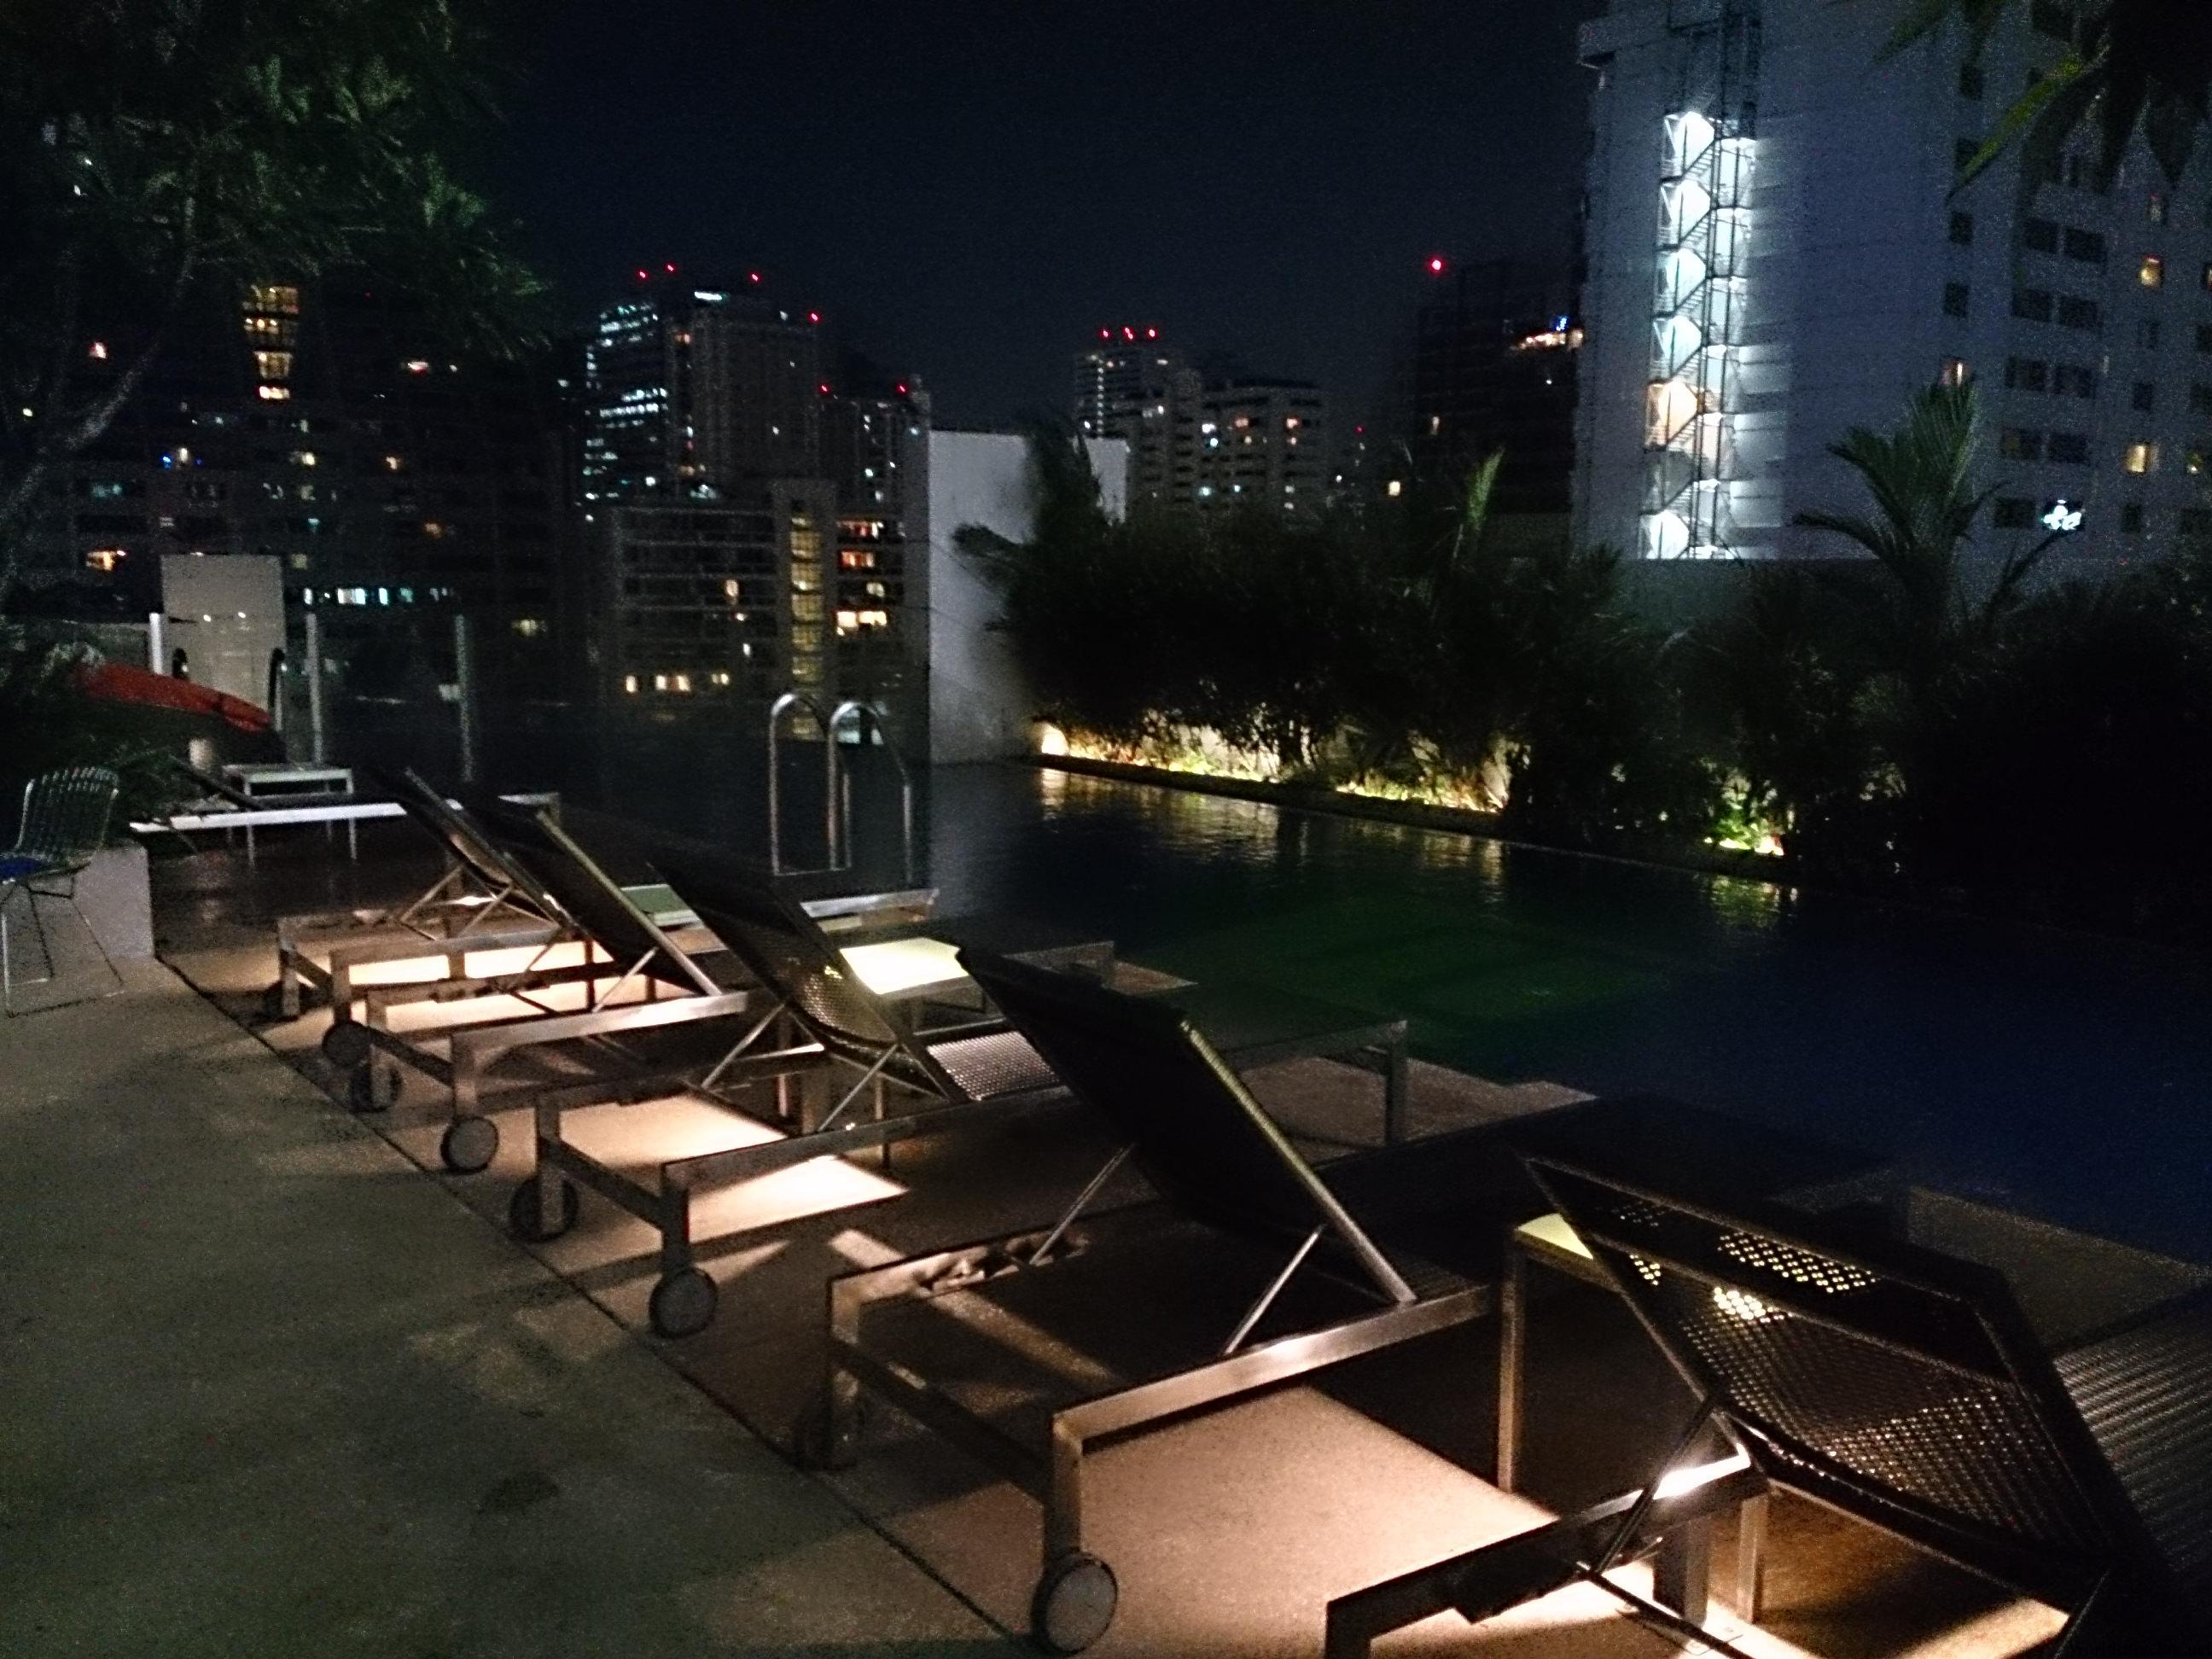 アロフト バンコクでSPG修行⇒プラチナへ解脱。 Aloft Bangkok宿泊記